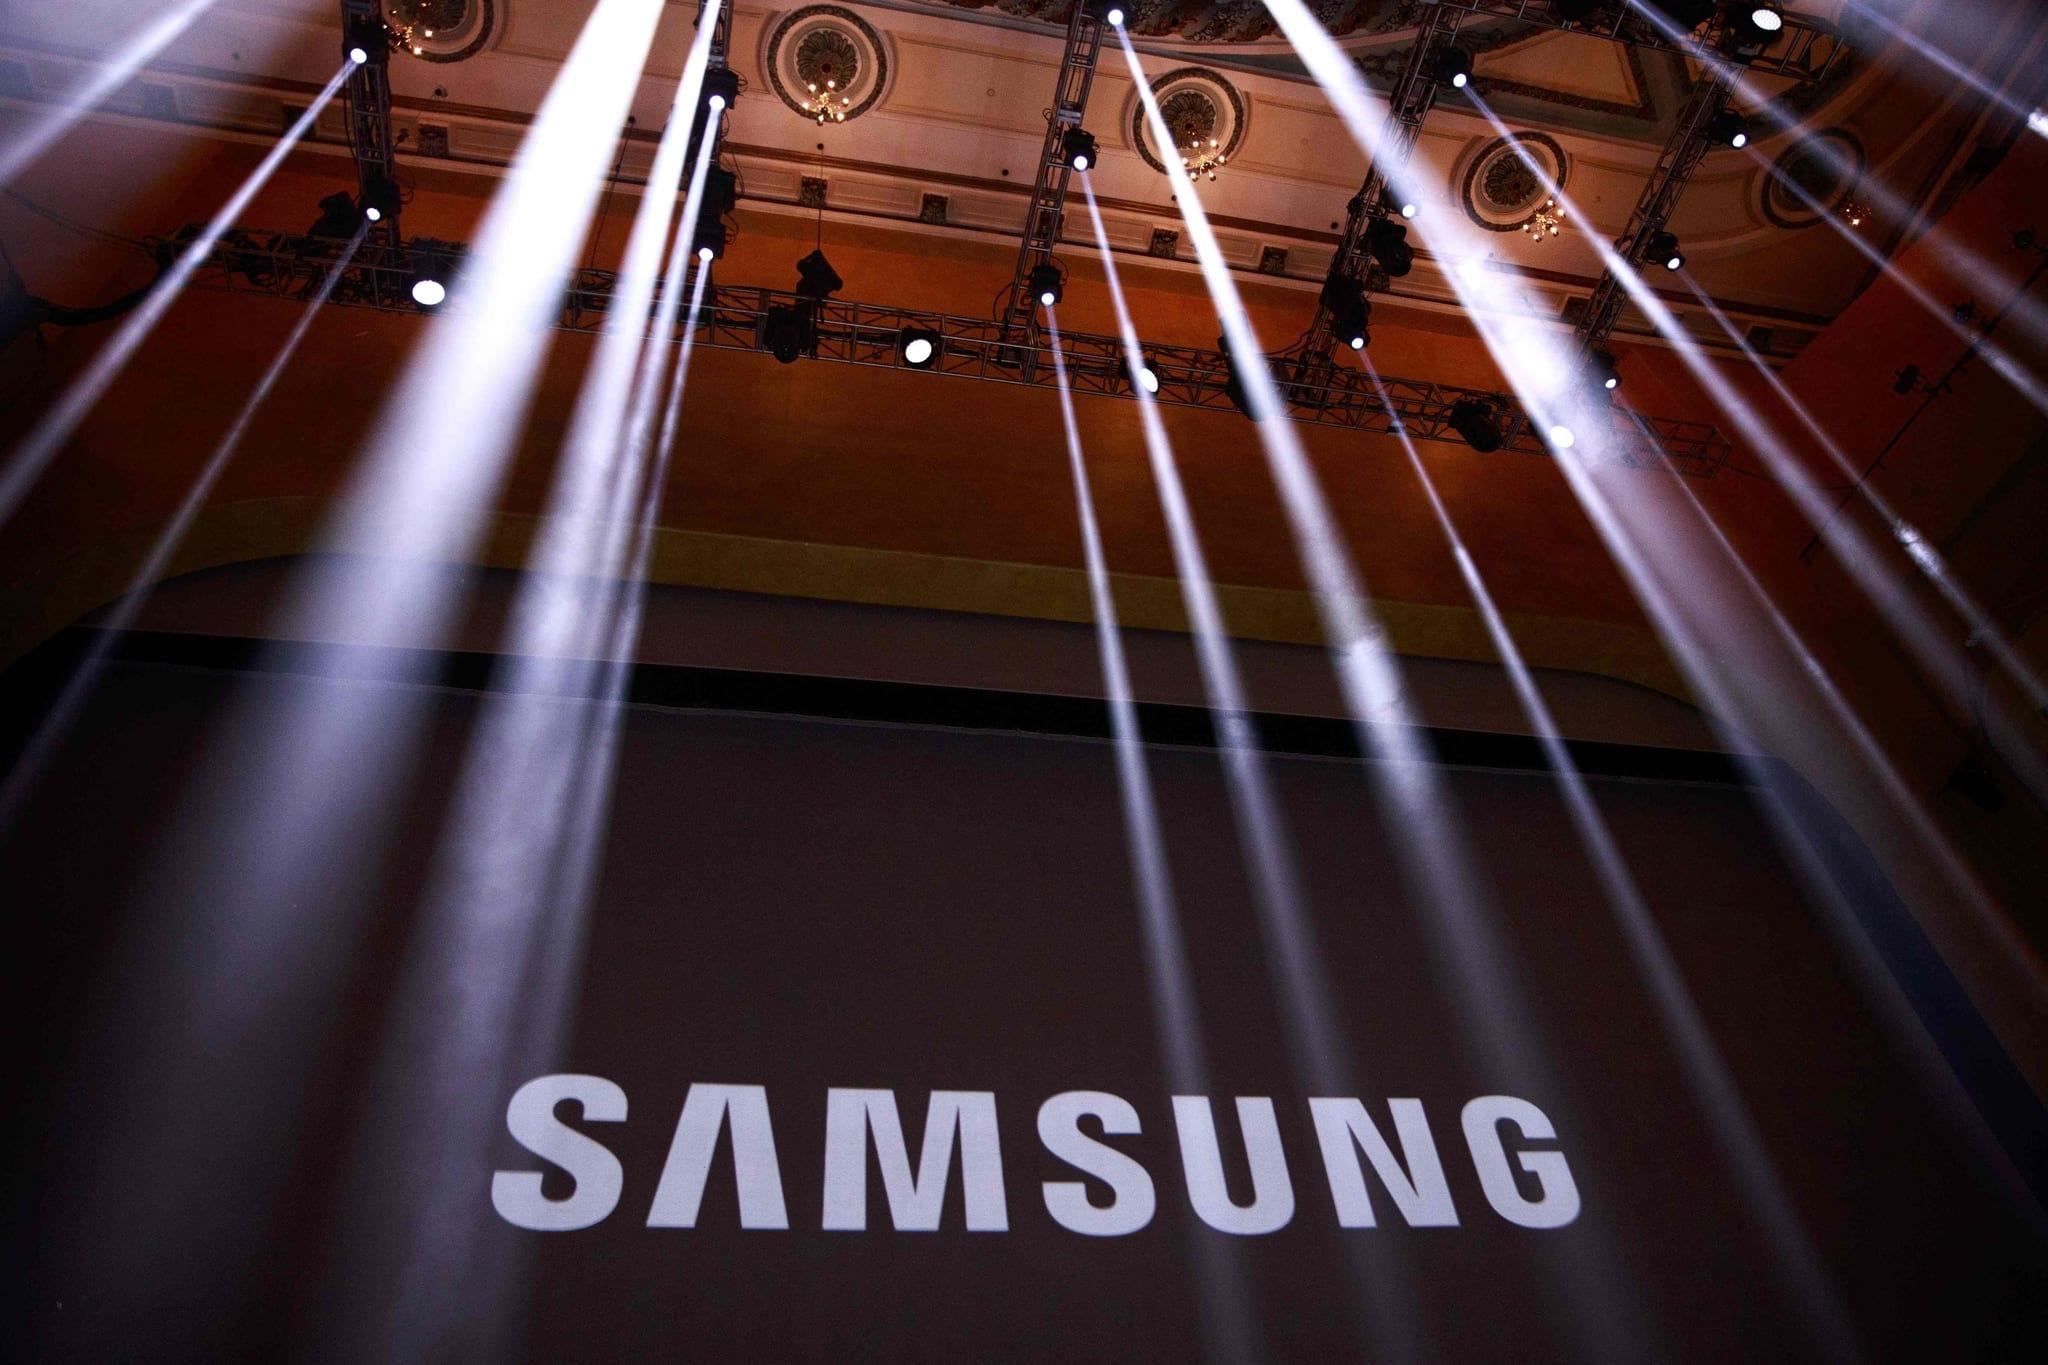 PÚBLICO - Finalmente uma vitória para a Samsung. E logo sobre a Apple